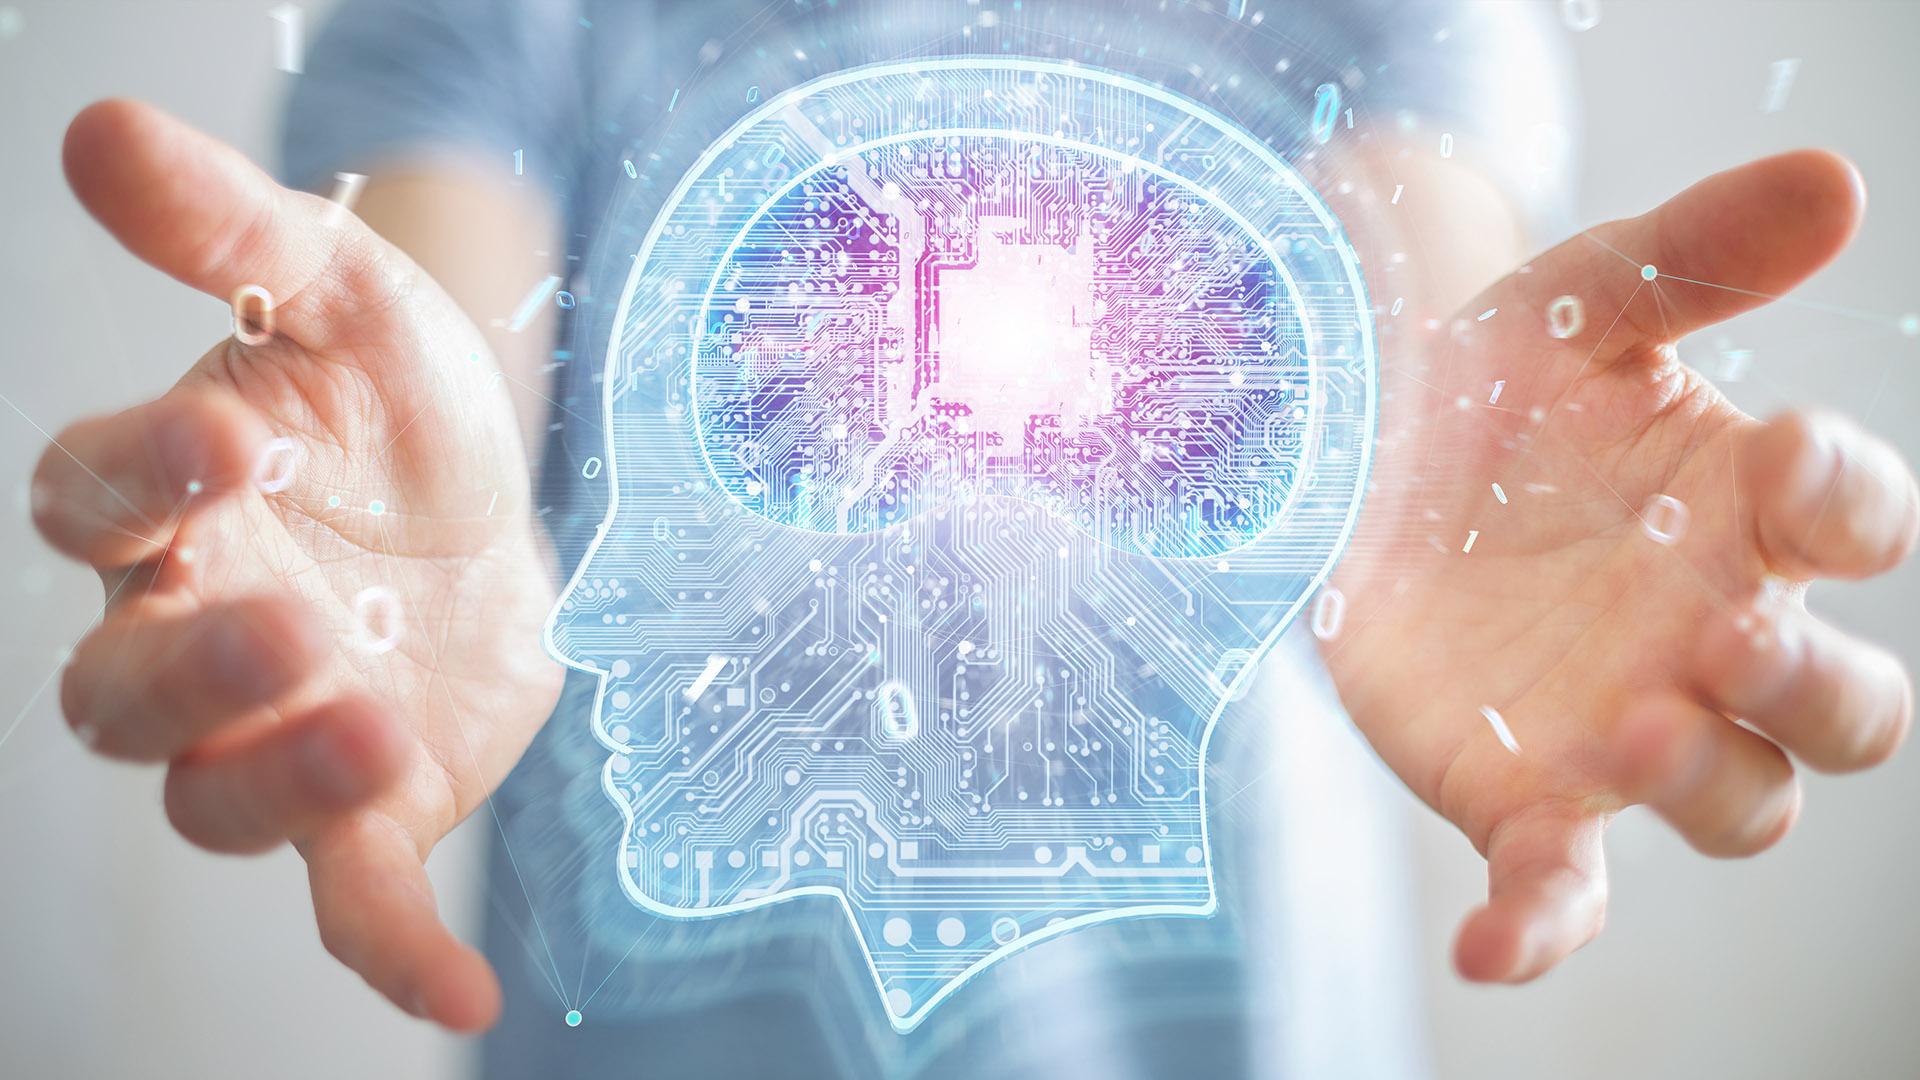 Cómo impactará la IA el mundo del trabajo, según cinco escuelas de pensamiento